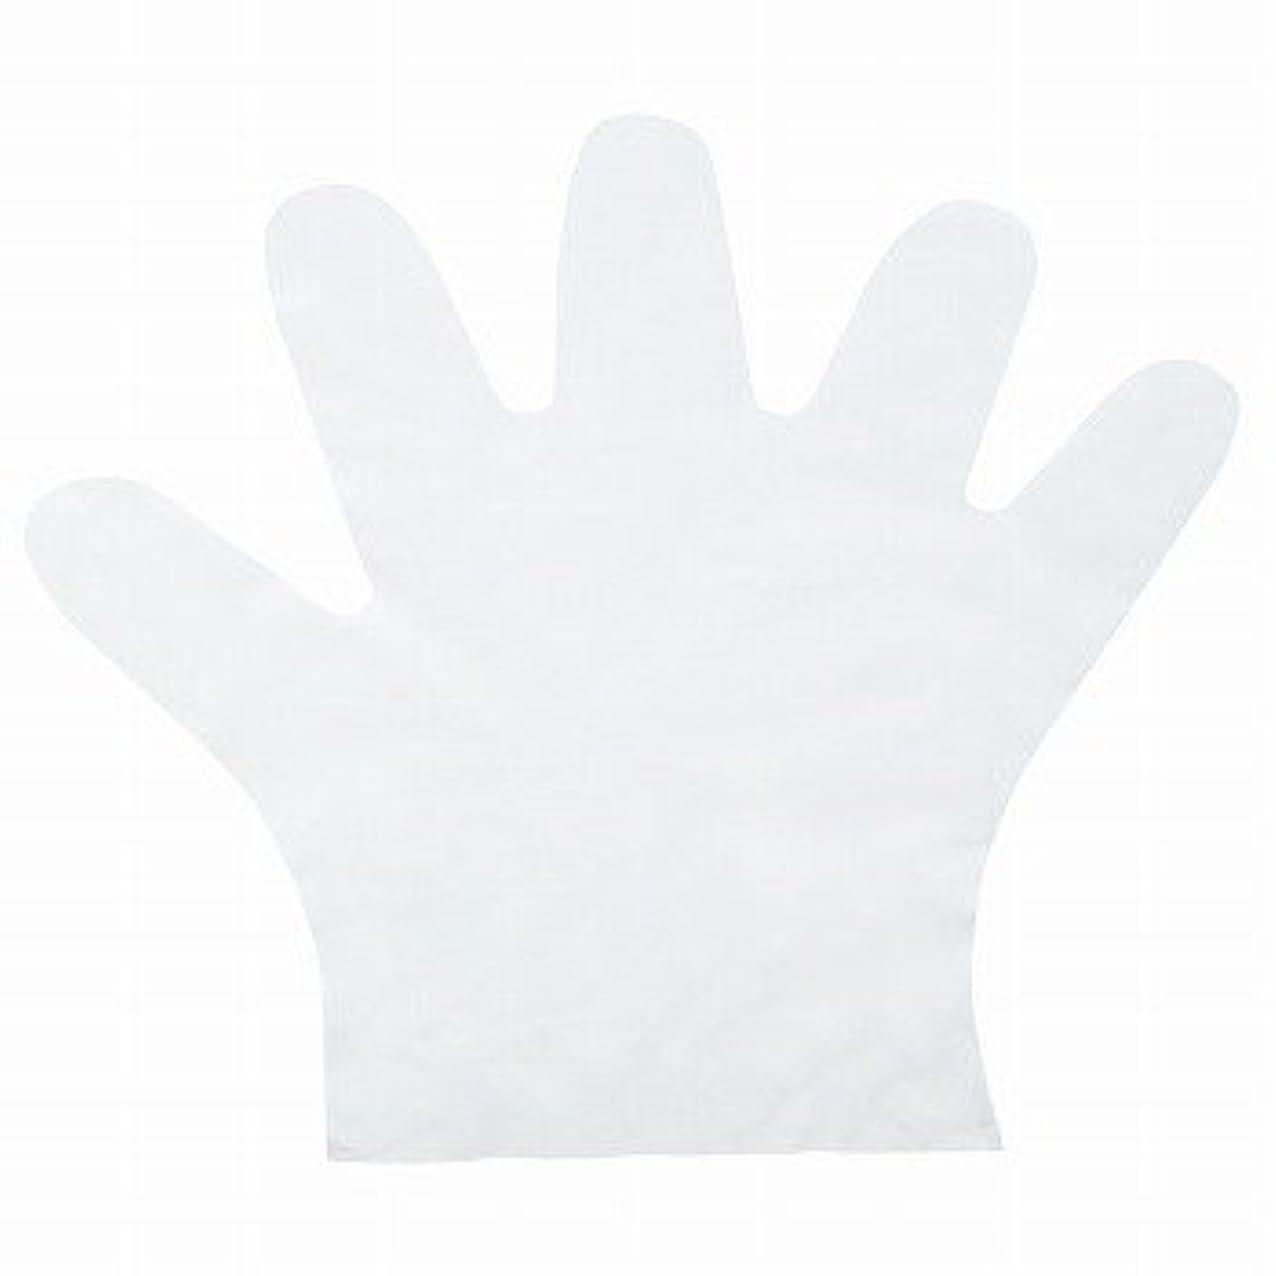 通常キルス観光に行くおたふく手袋/ポリエチディスポ(LD) [100枚入]/品番:248 サイズ:L